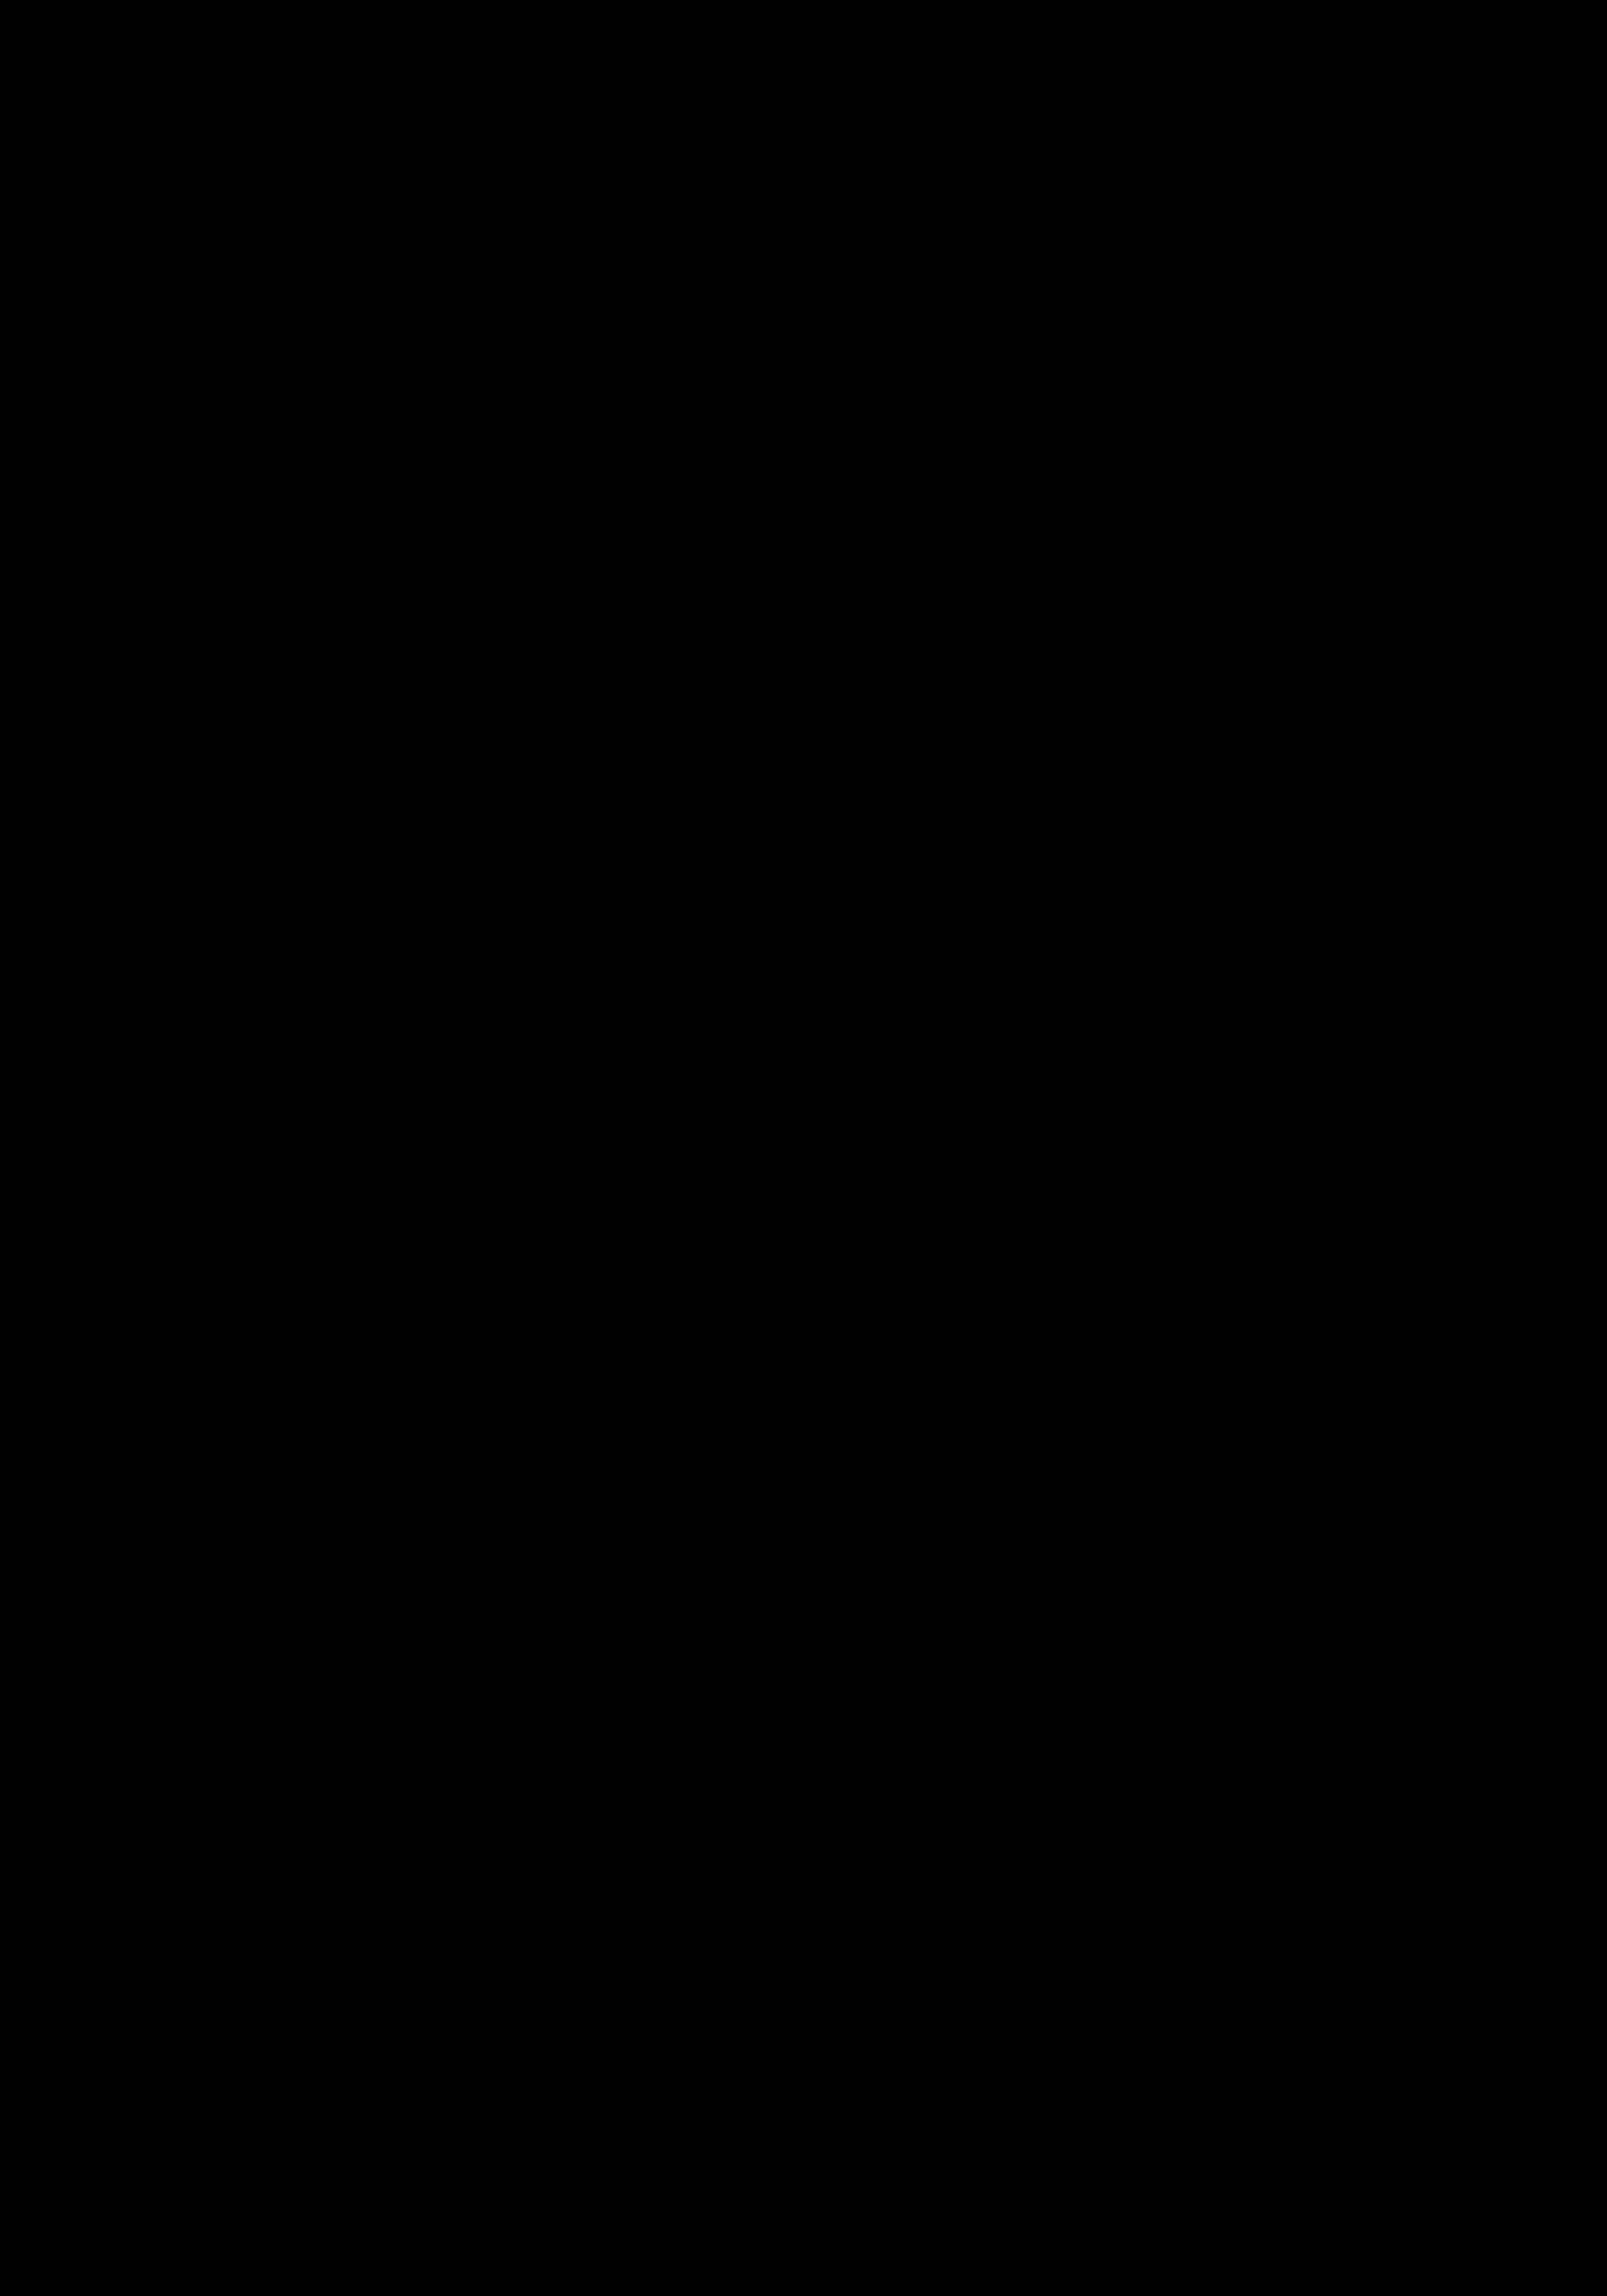 Campamento para niños Semana Santa en Sevilla